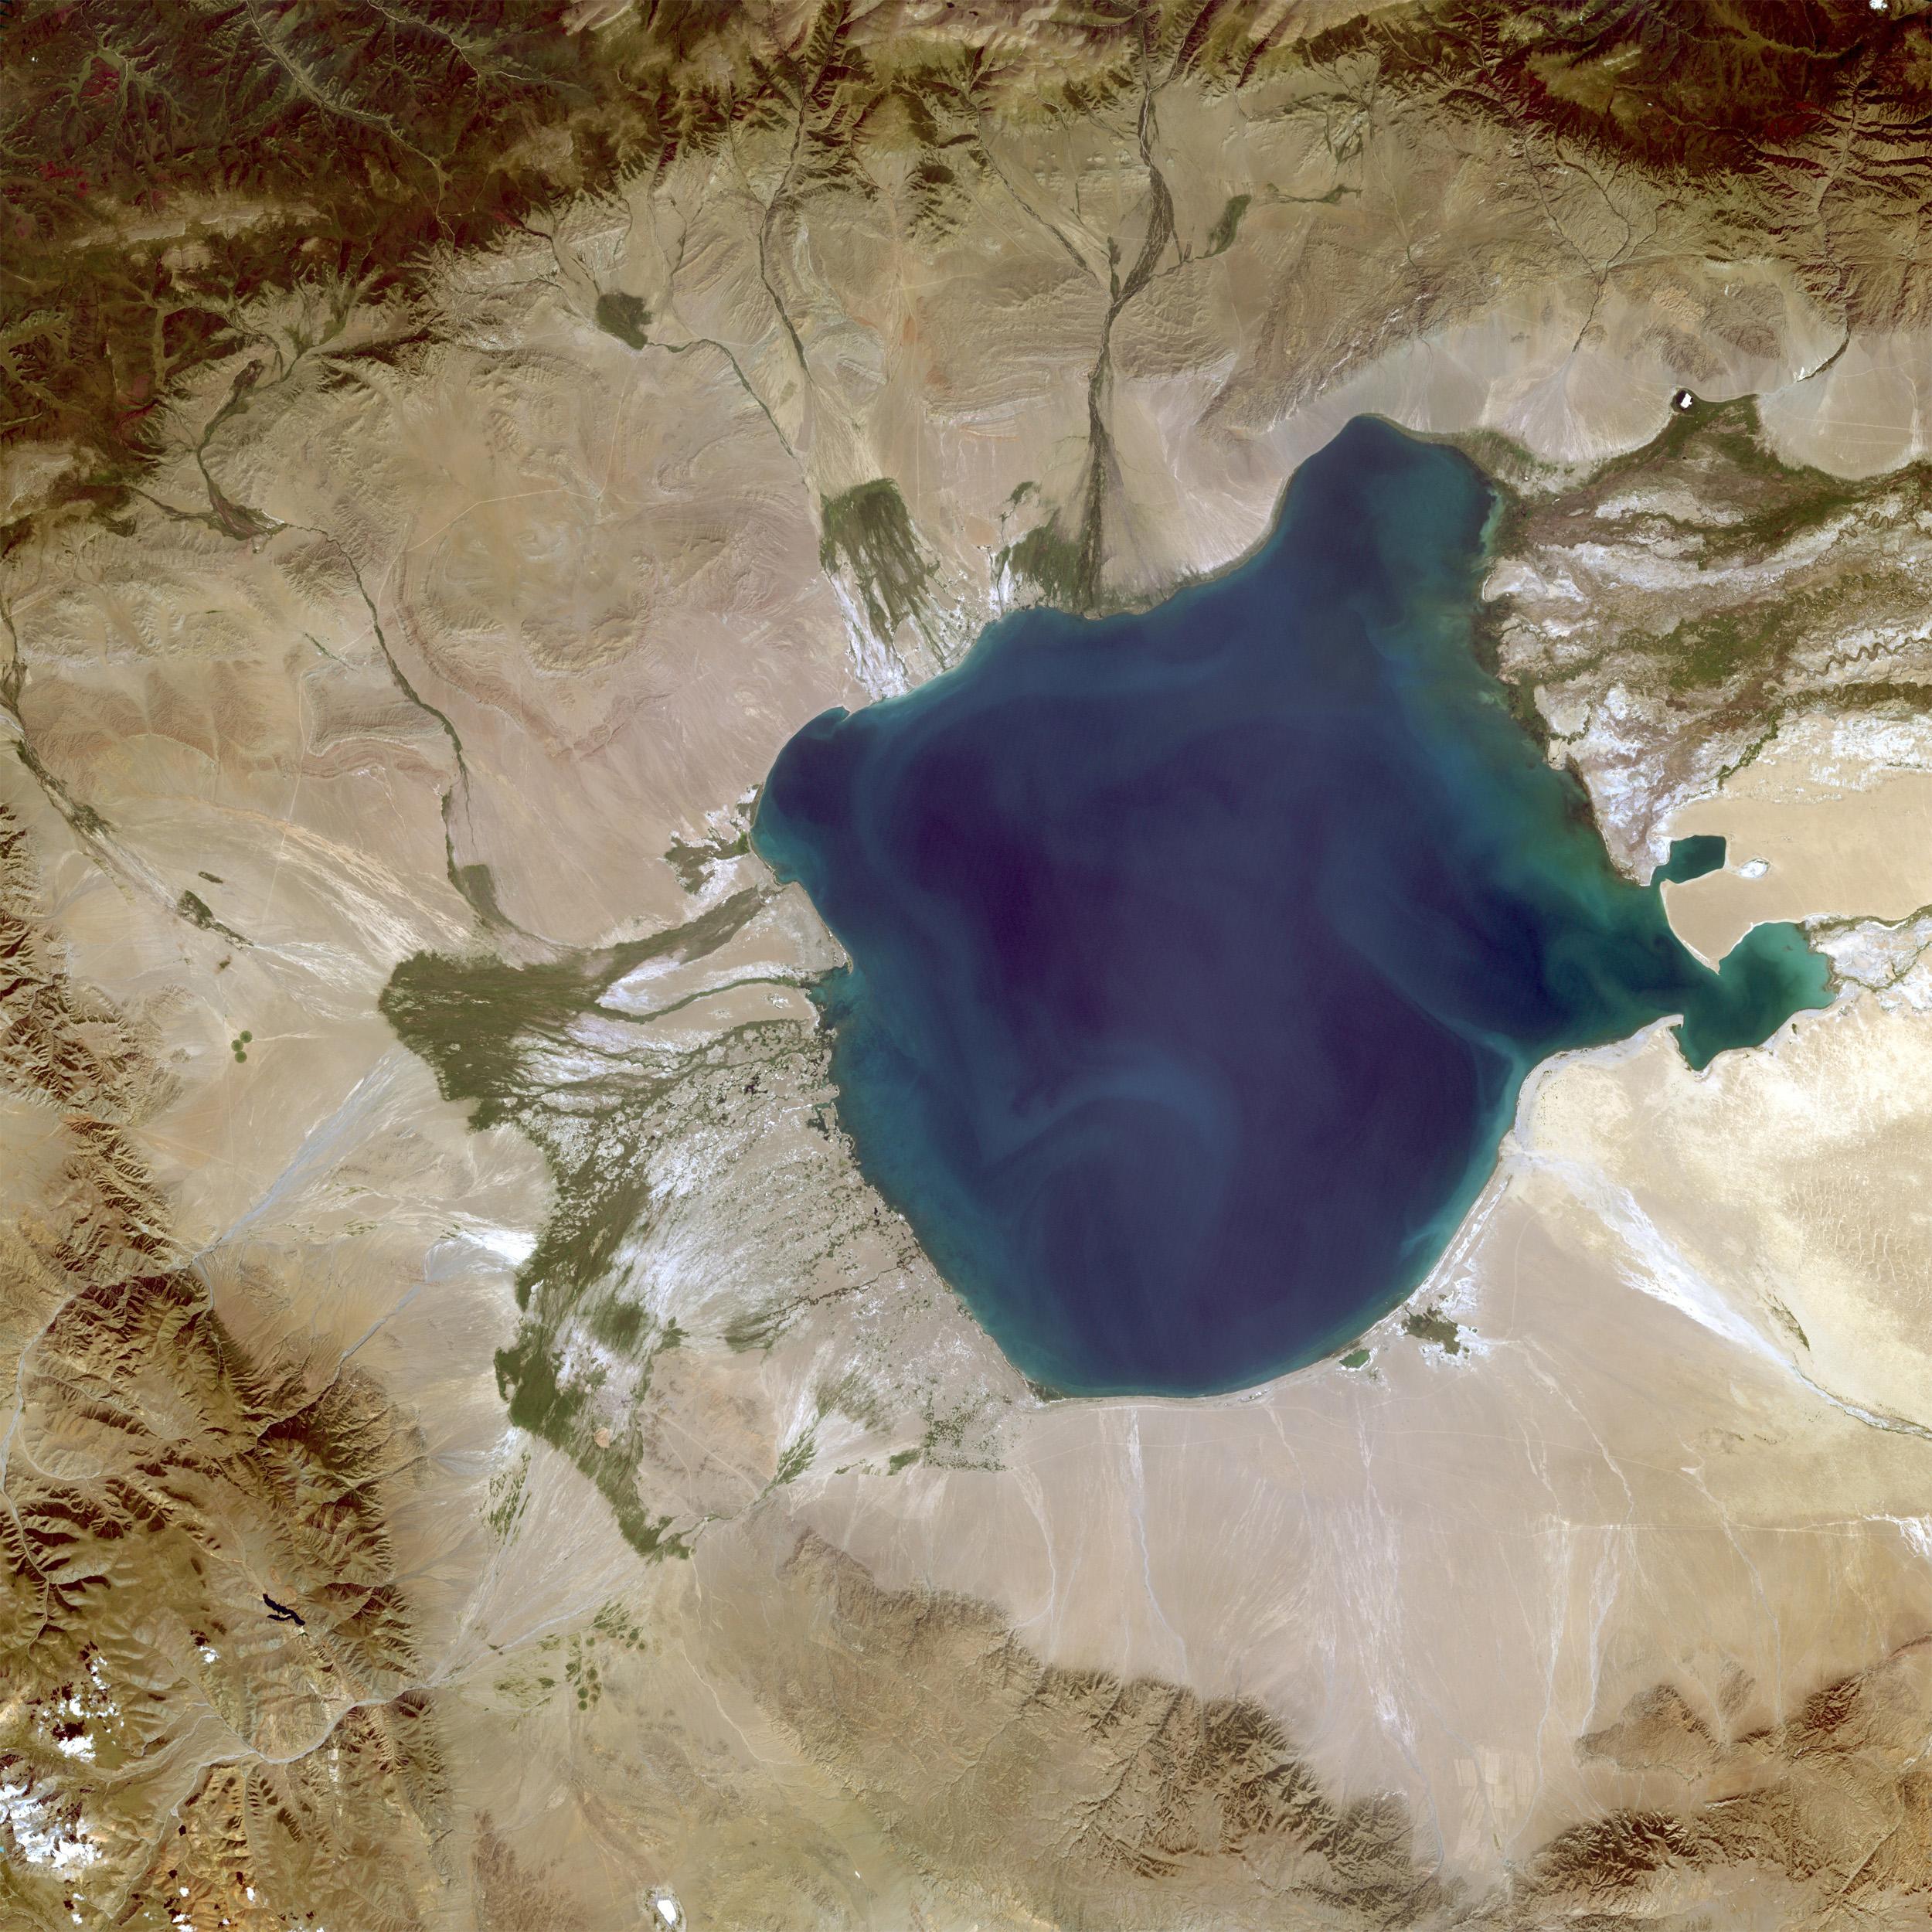 1920x1080 горы озеро вершины вид сверху обои full hd